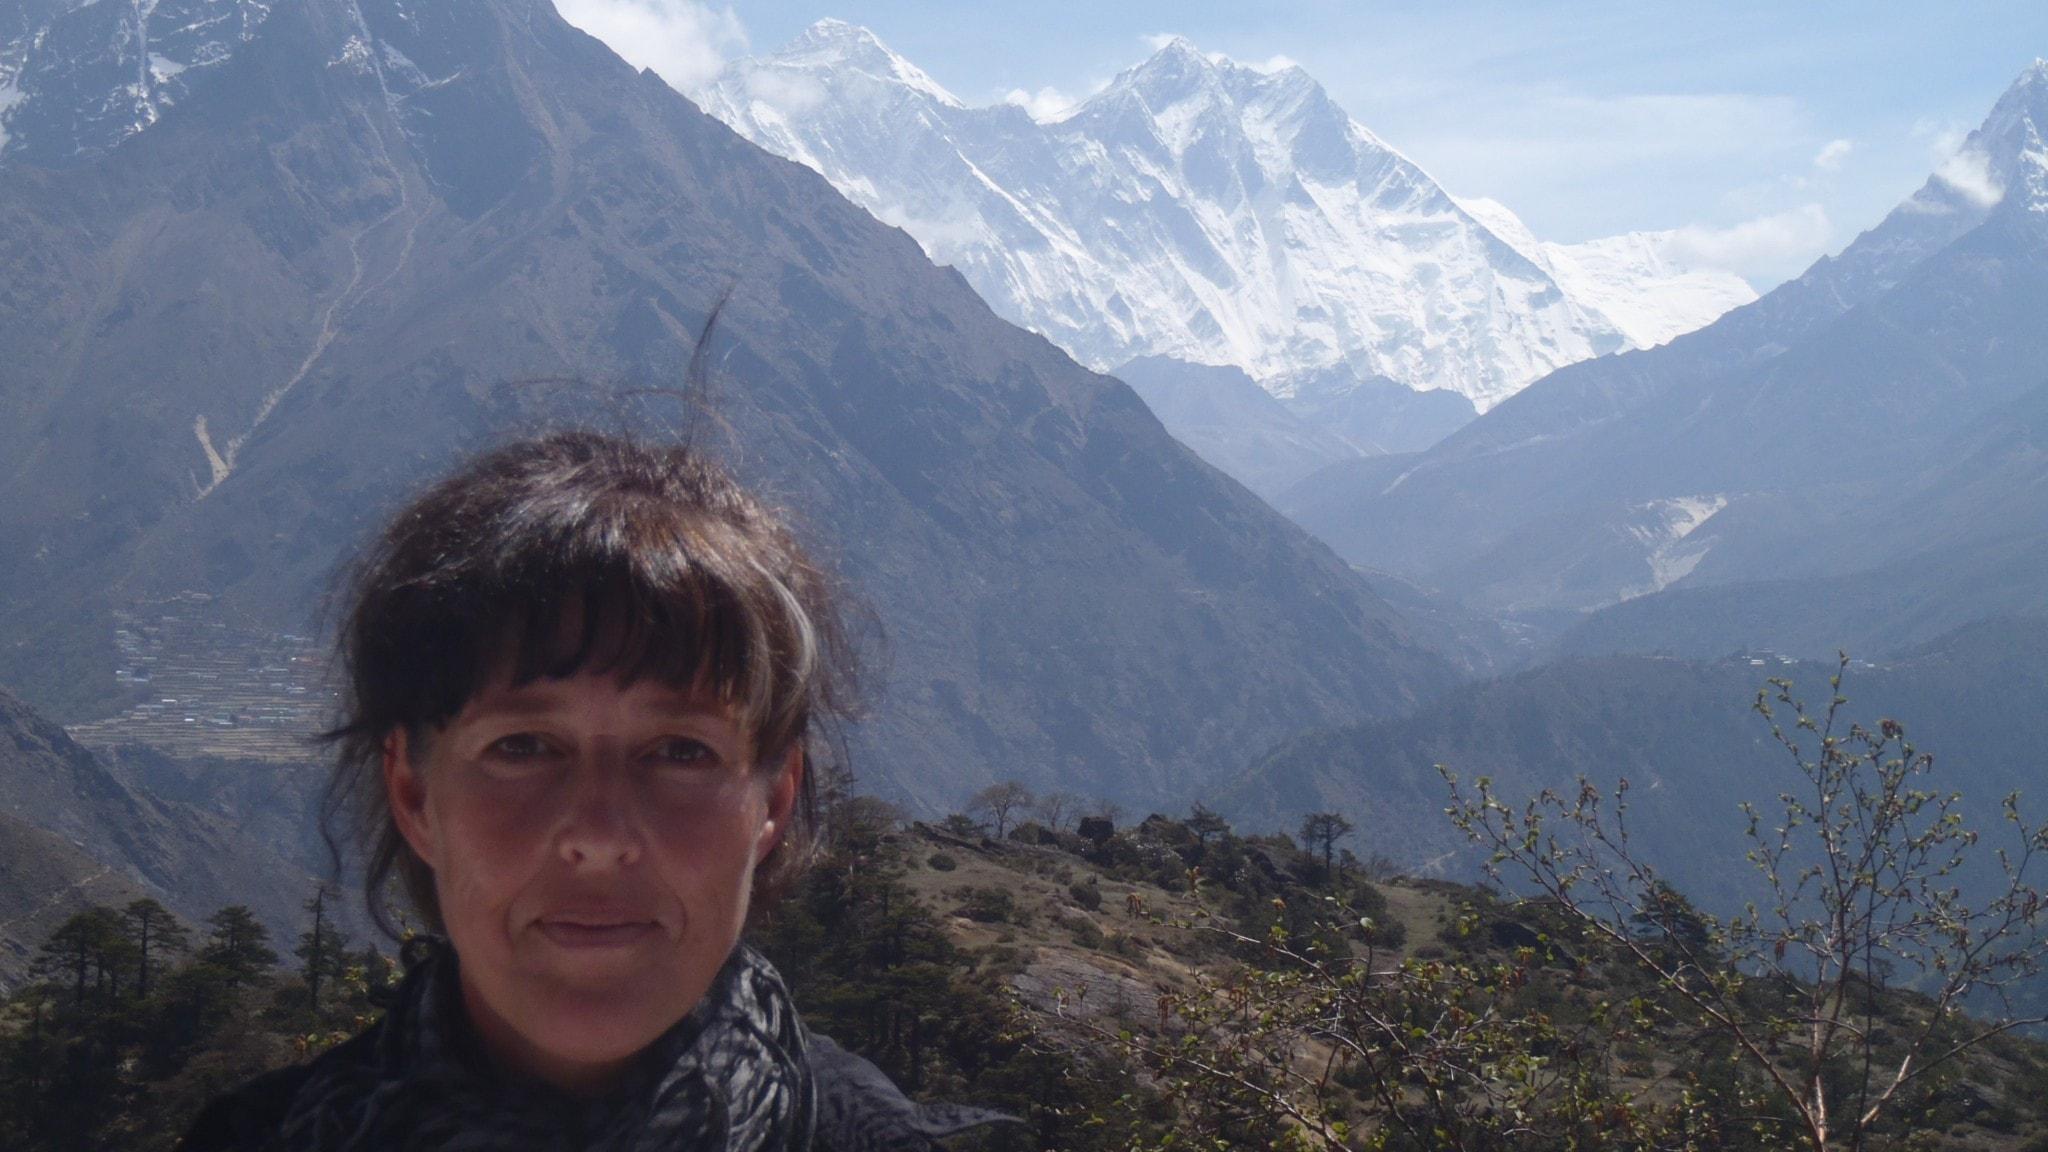 Erika Schagatay framför snöklädda bergstoppar